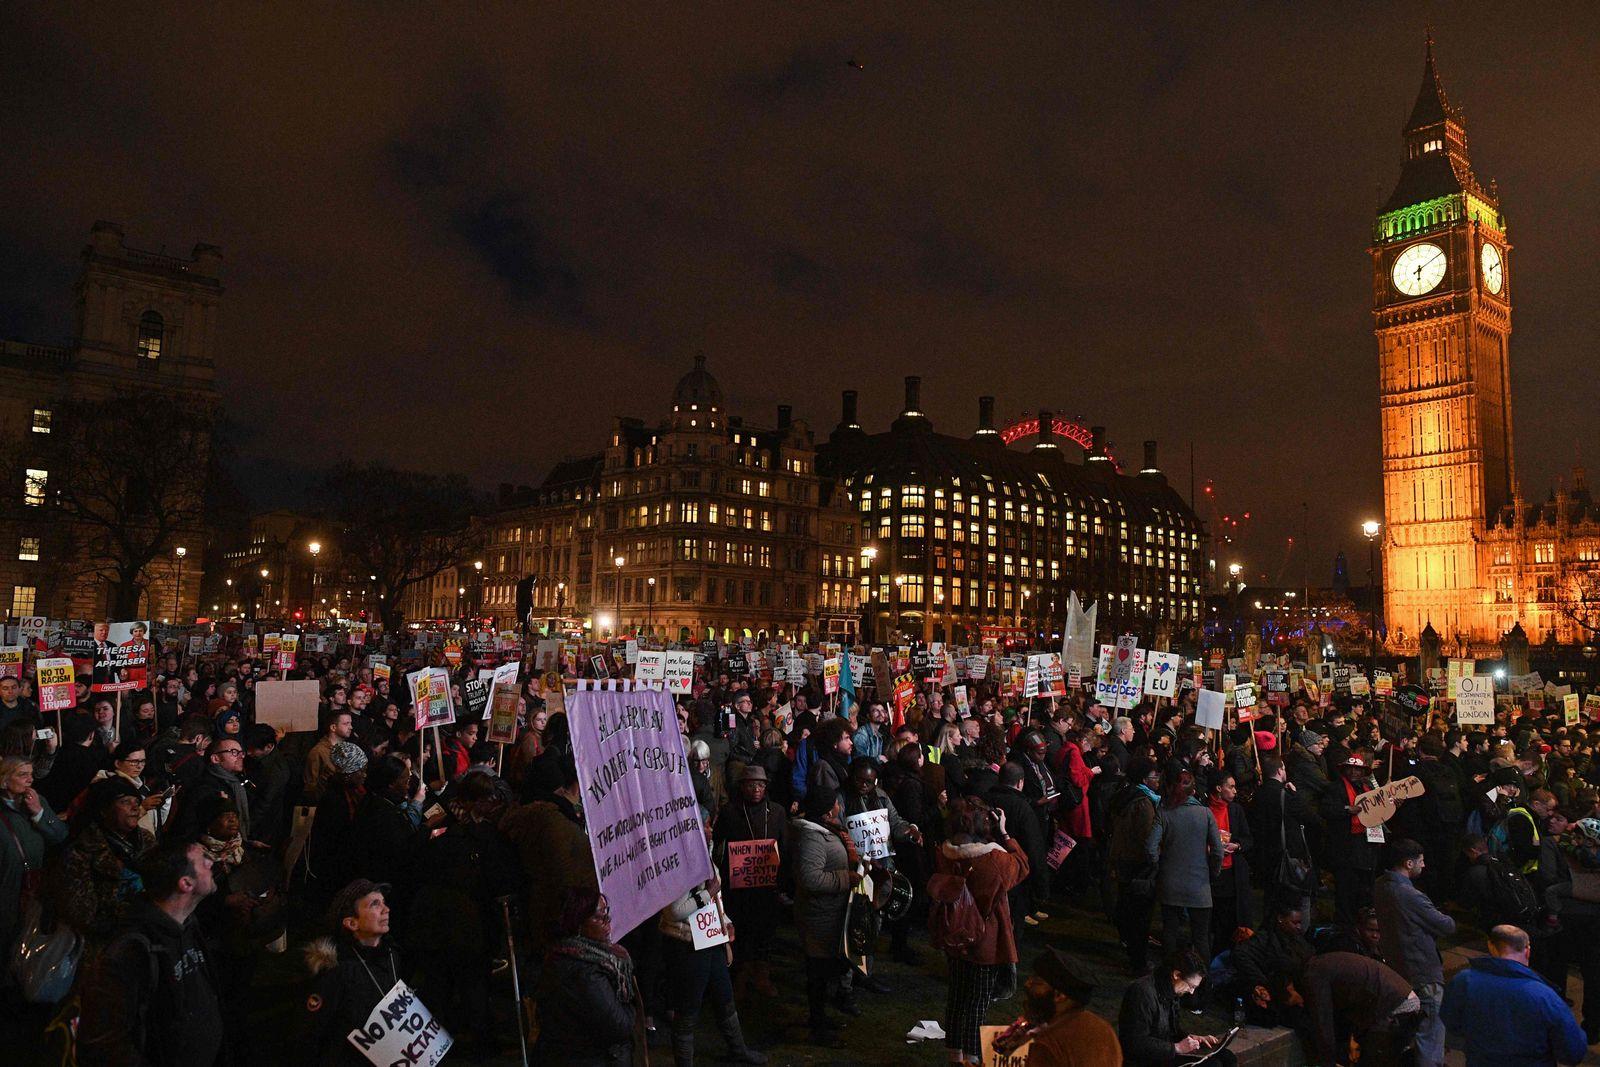 BRITAIN-US-TRUMP-PROTEST